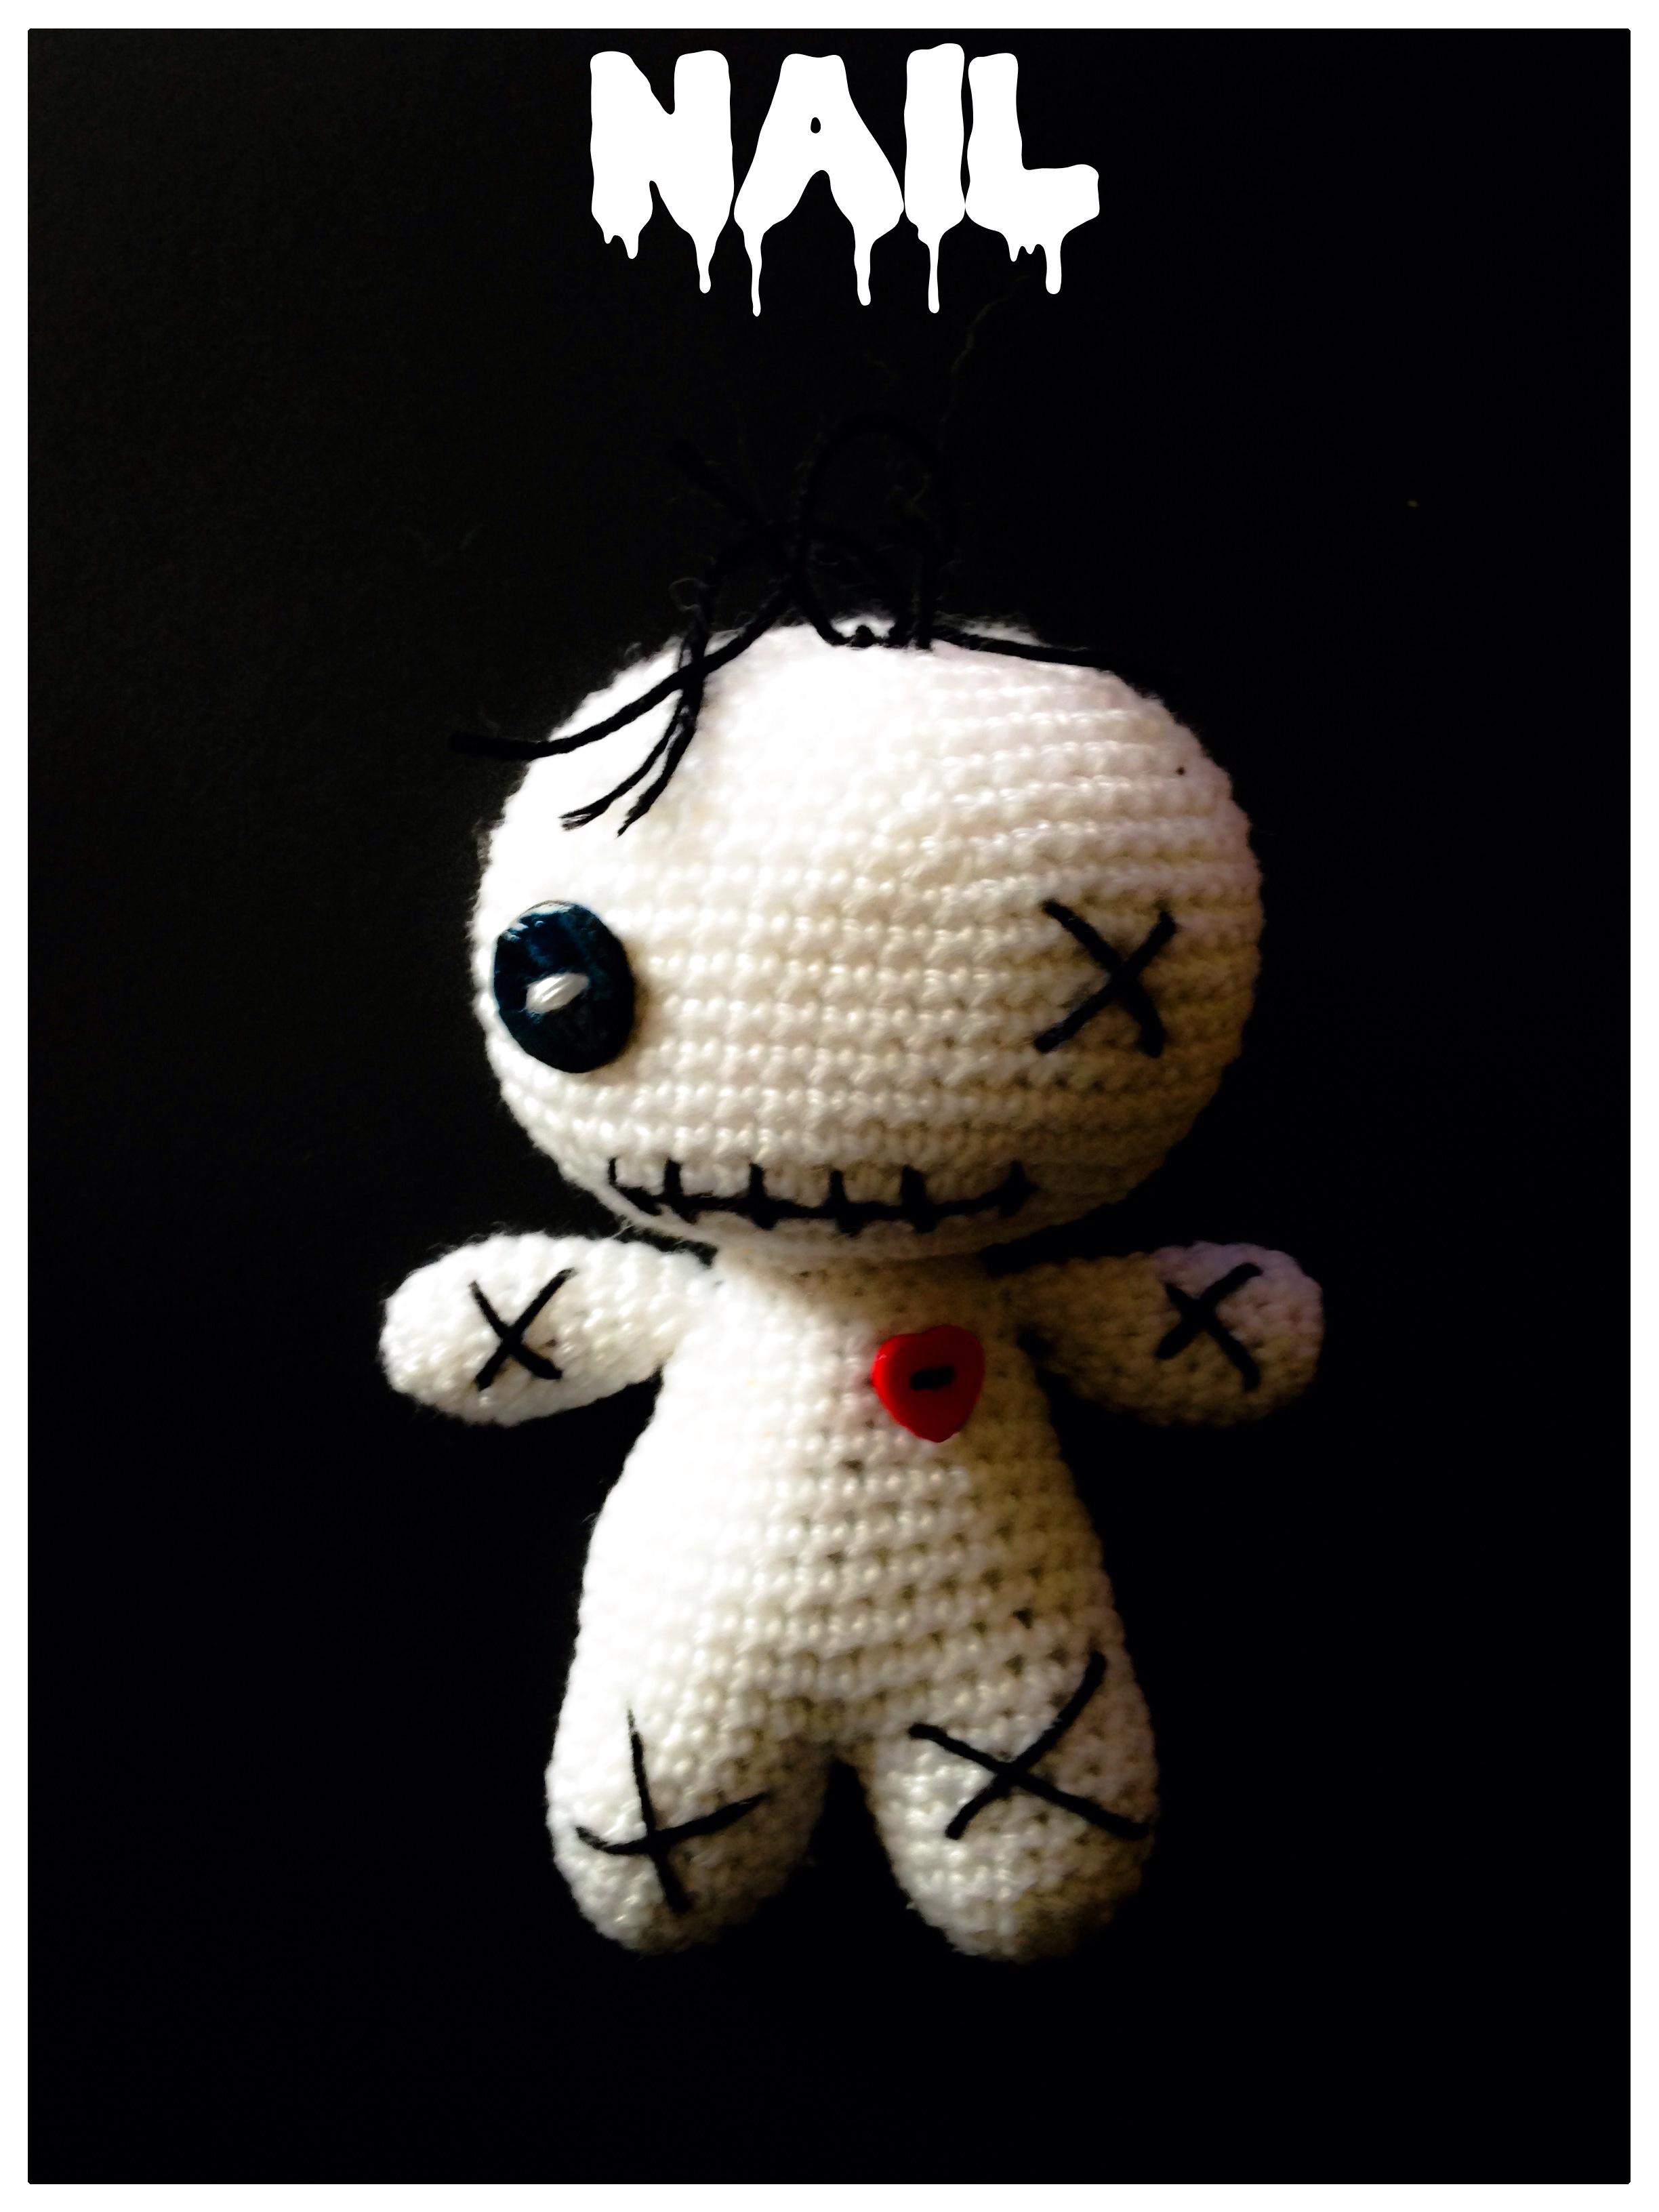 Eine Voodoo Puppe Sollte Jeder Besitzentolle Wolle